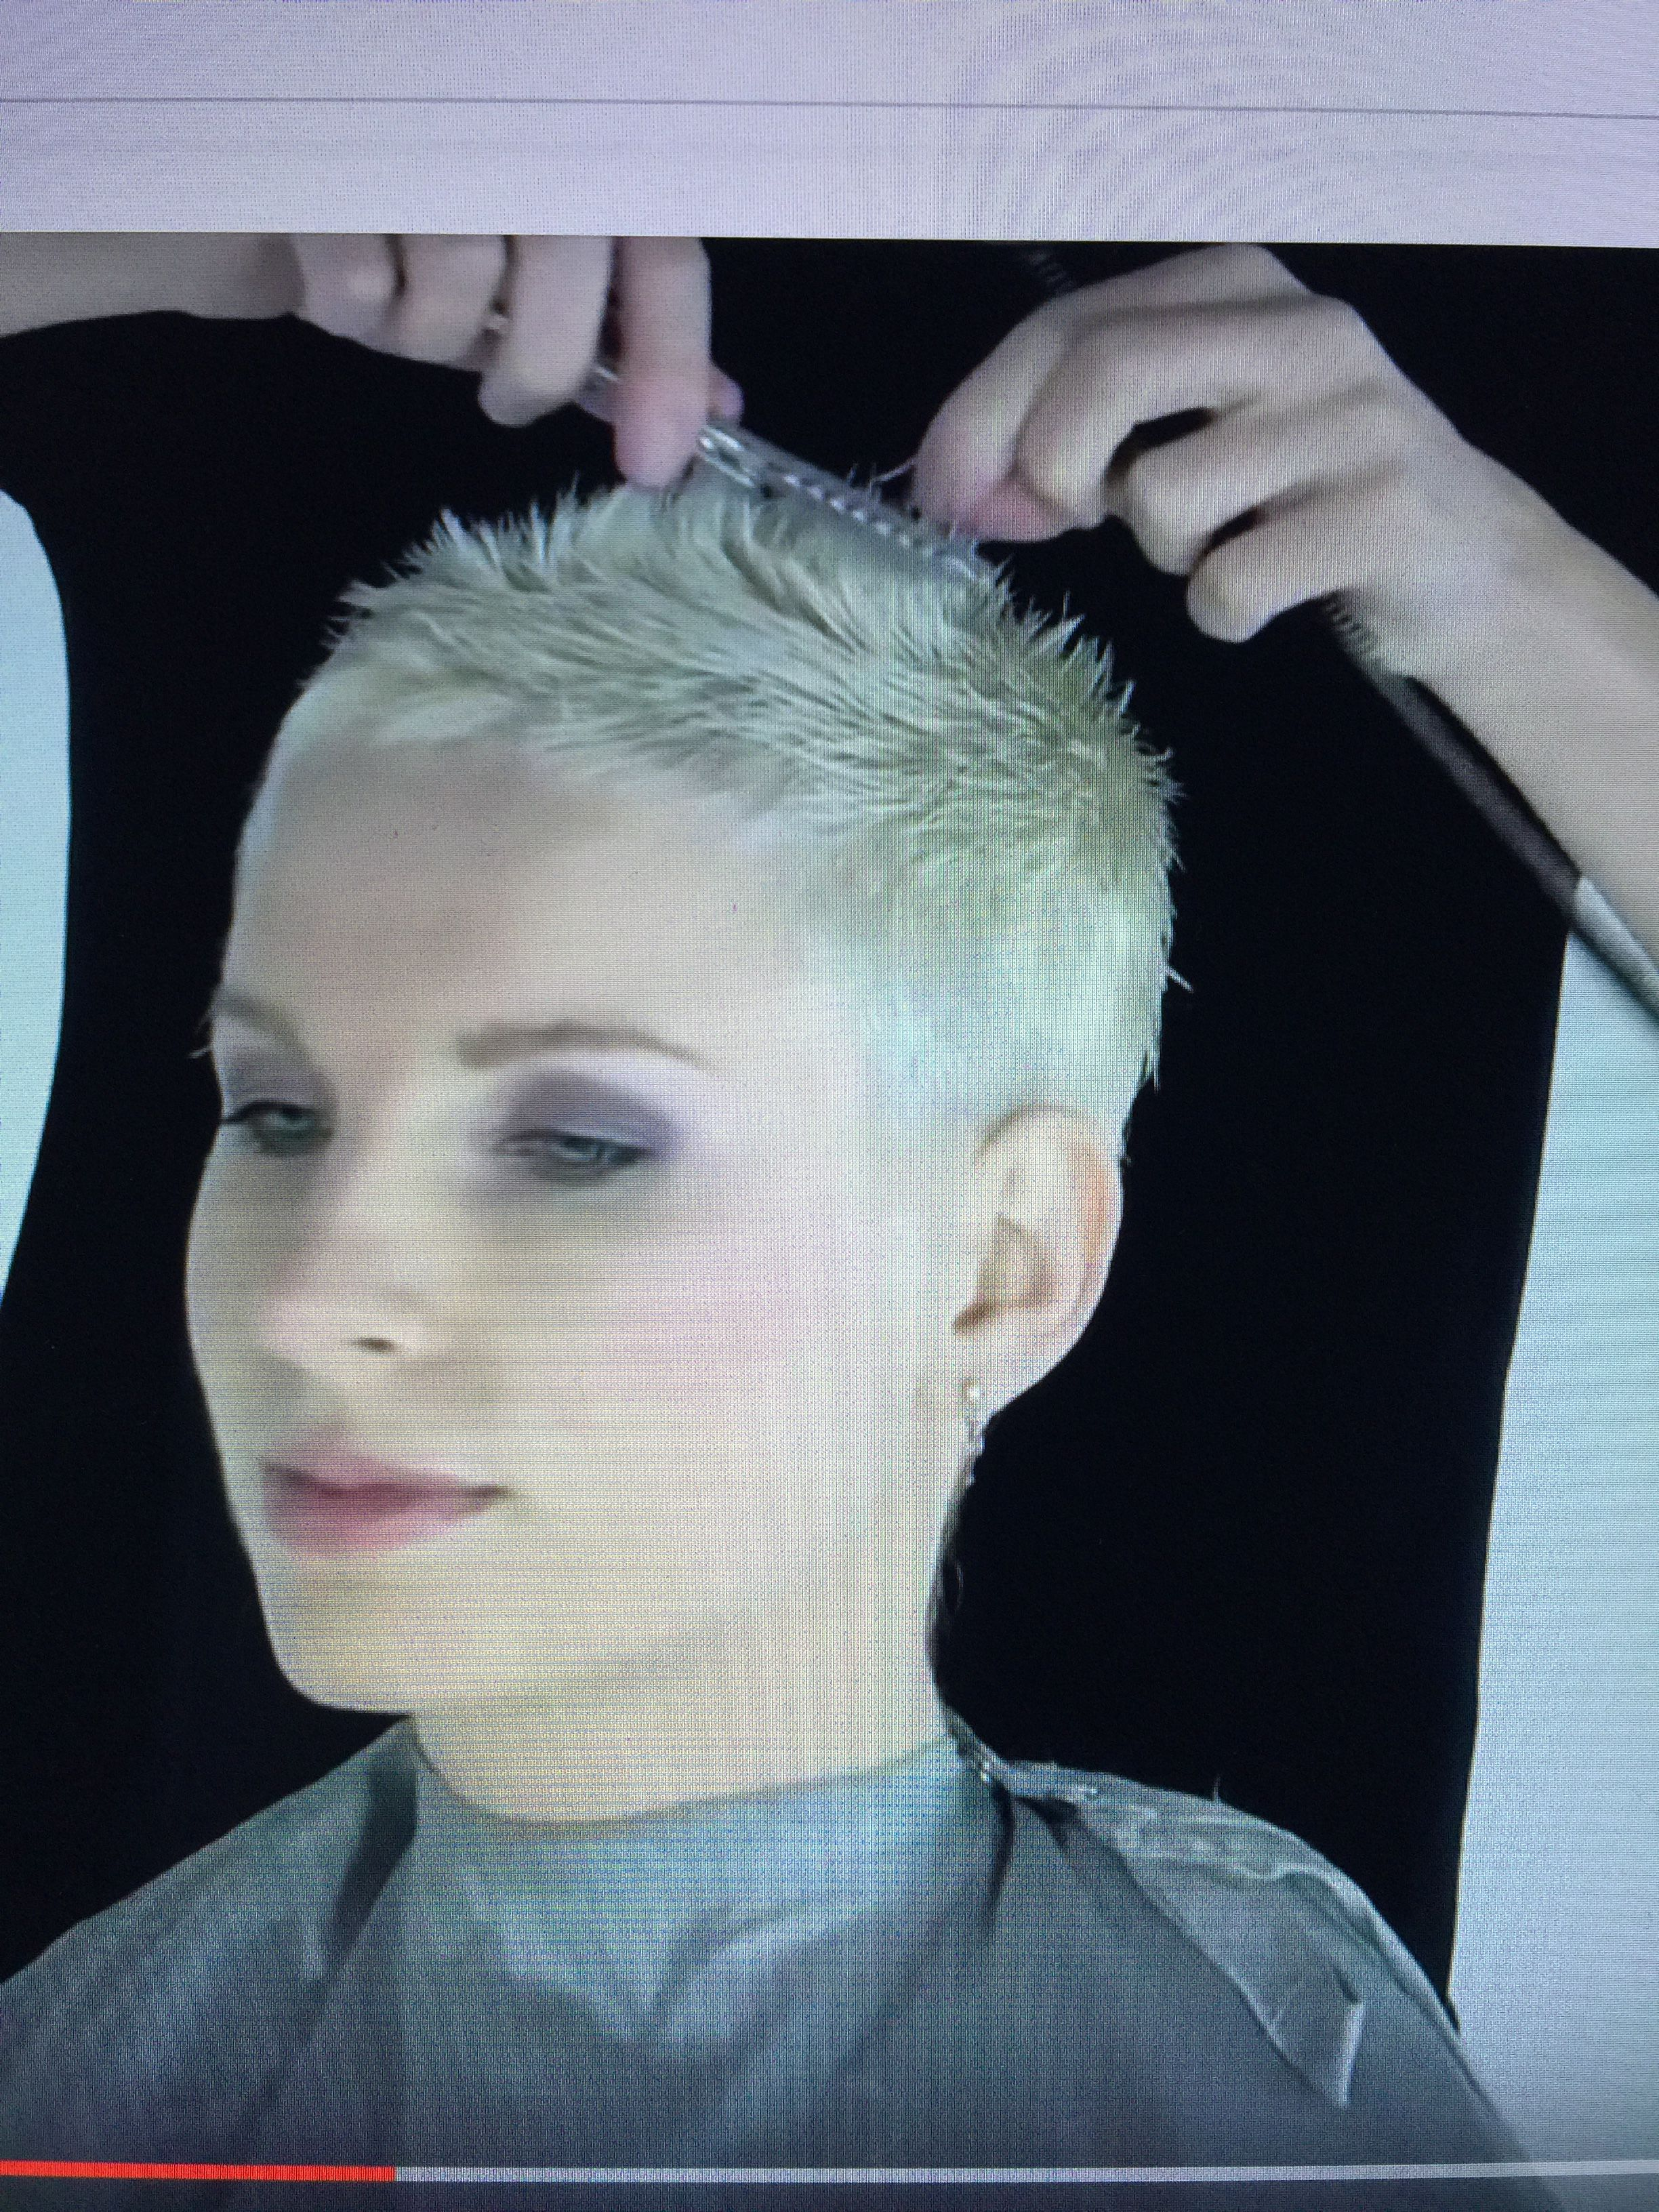 hairdare   tattoos in 2019   super short hair, hair cuts